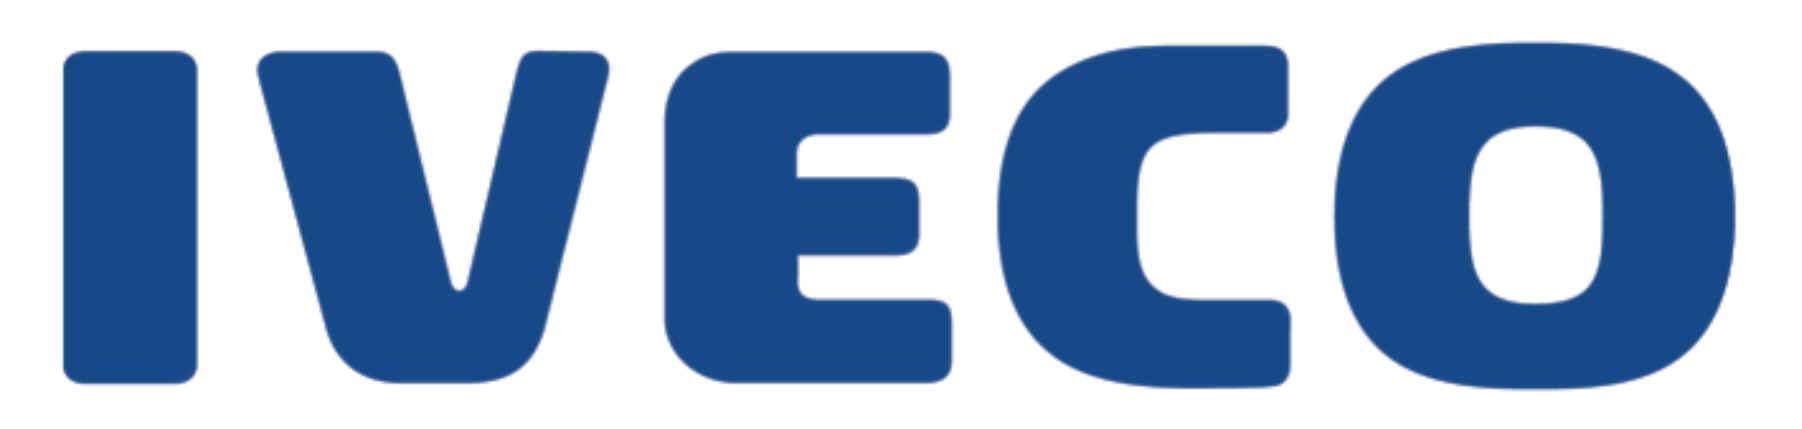 Iveco Symbol Wallpaper